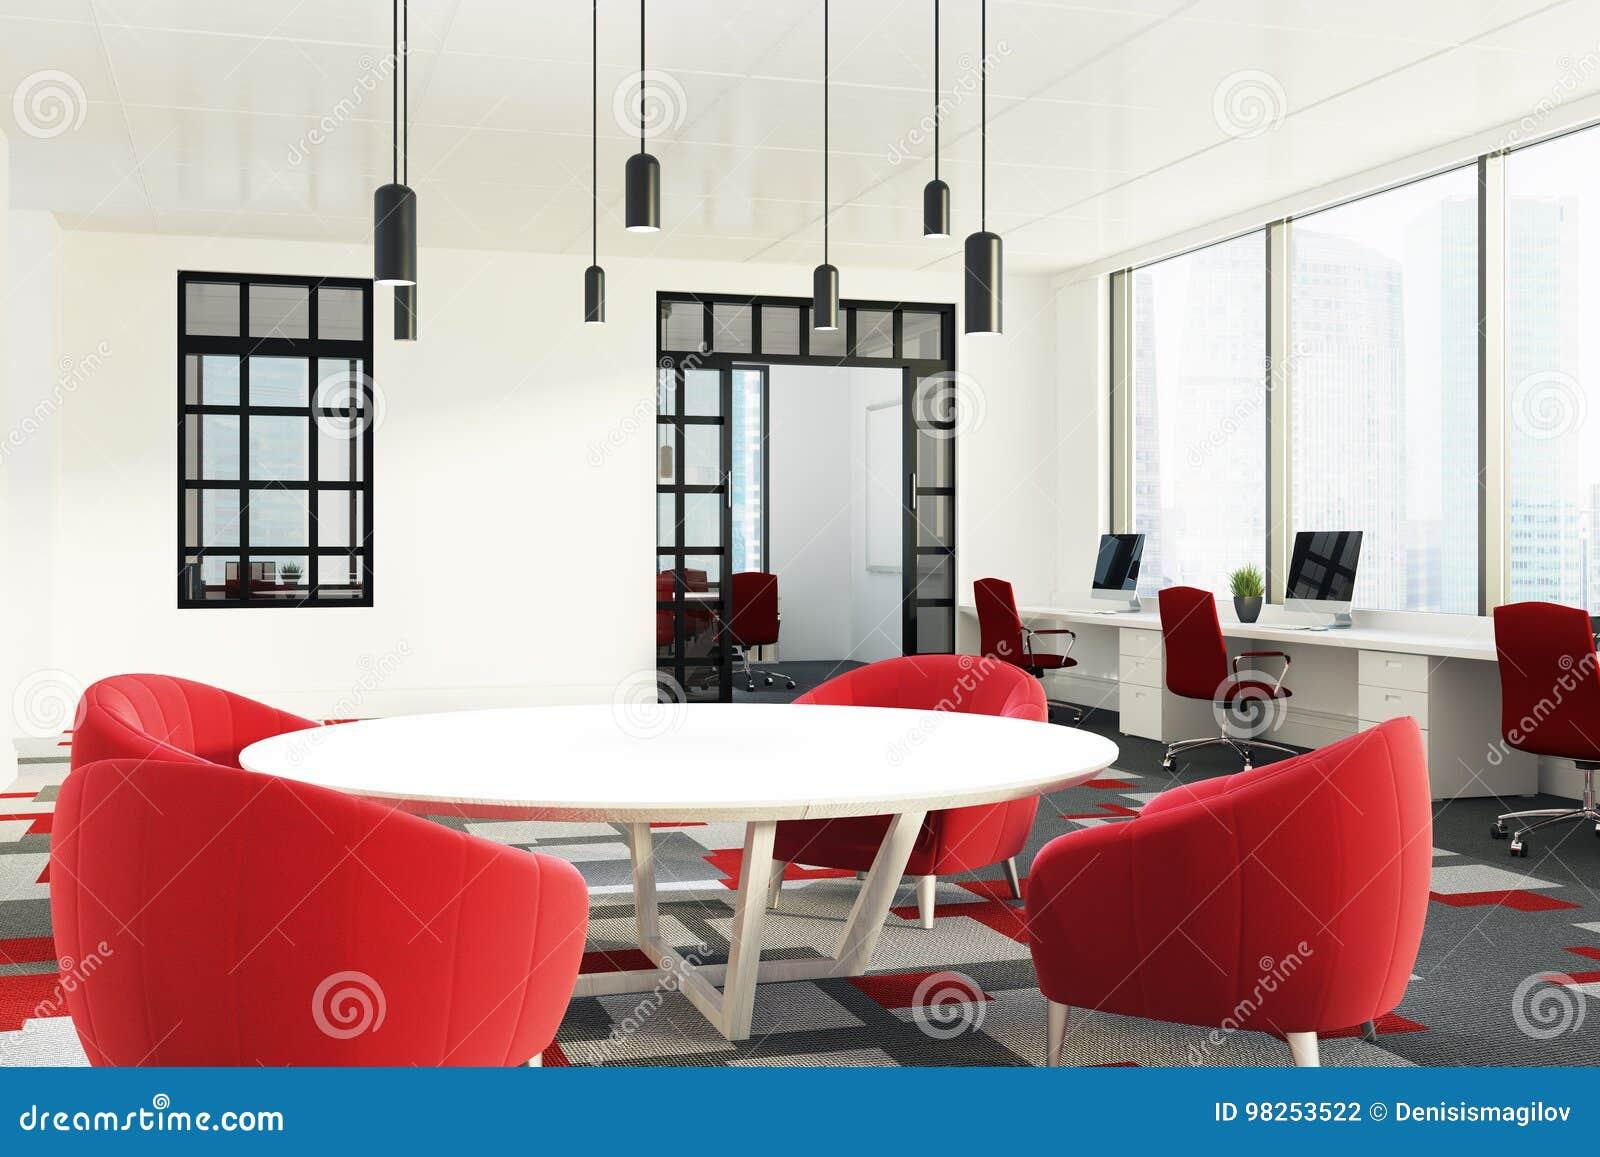 Las De La Stock Con Sillas Mesas Y Redondas Rojas Oficina Abra kZPXiu